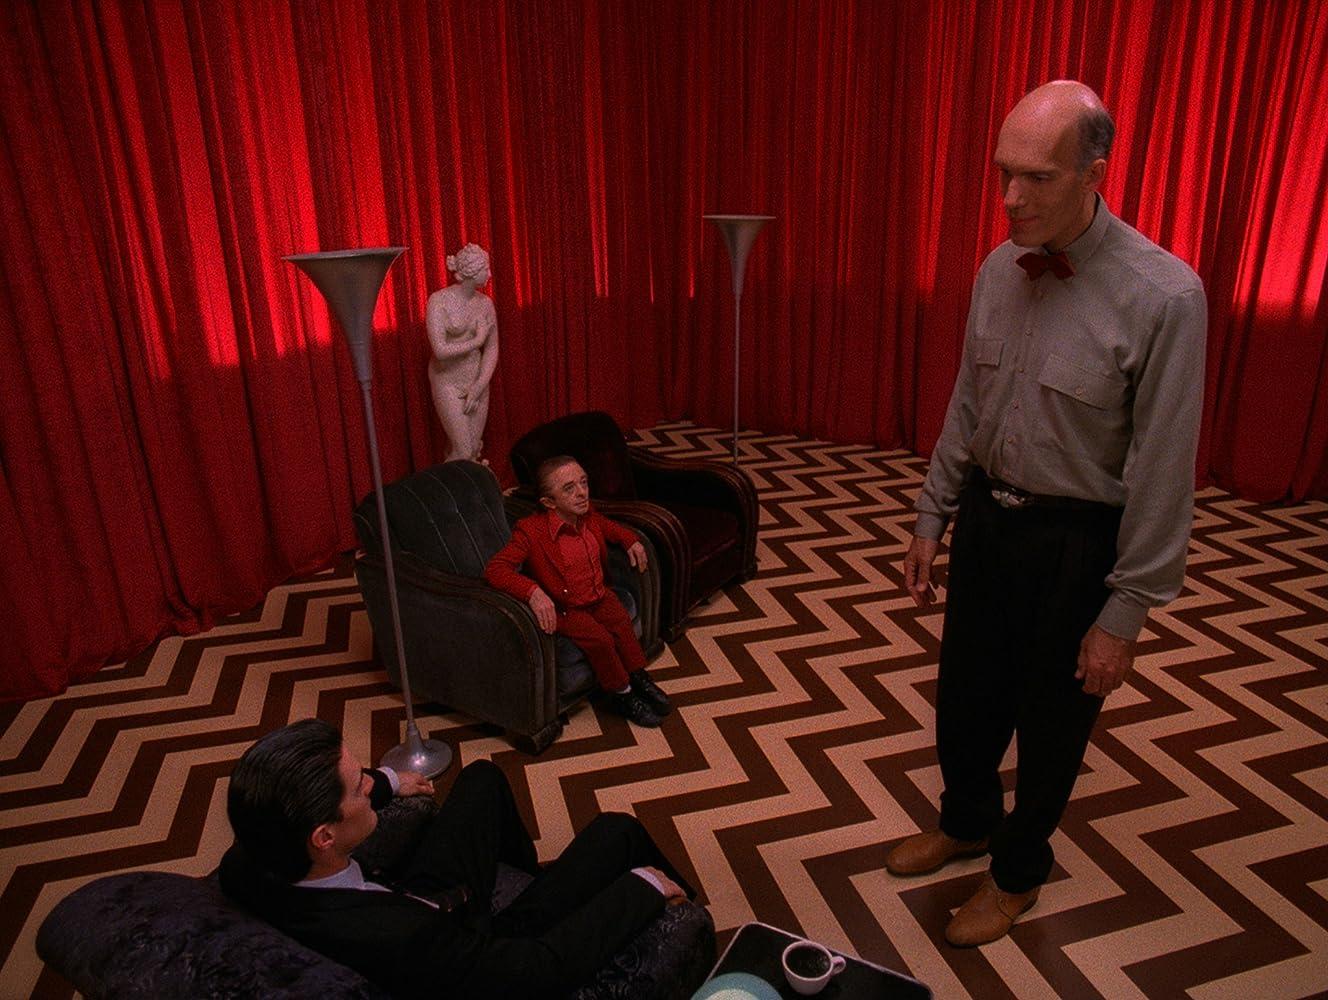 Quem matou Laura Palmer? Conheça as locações de Twin Peaks